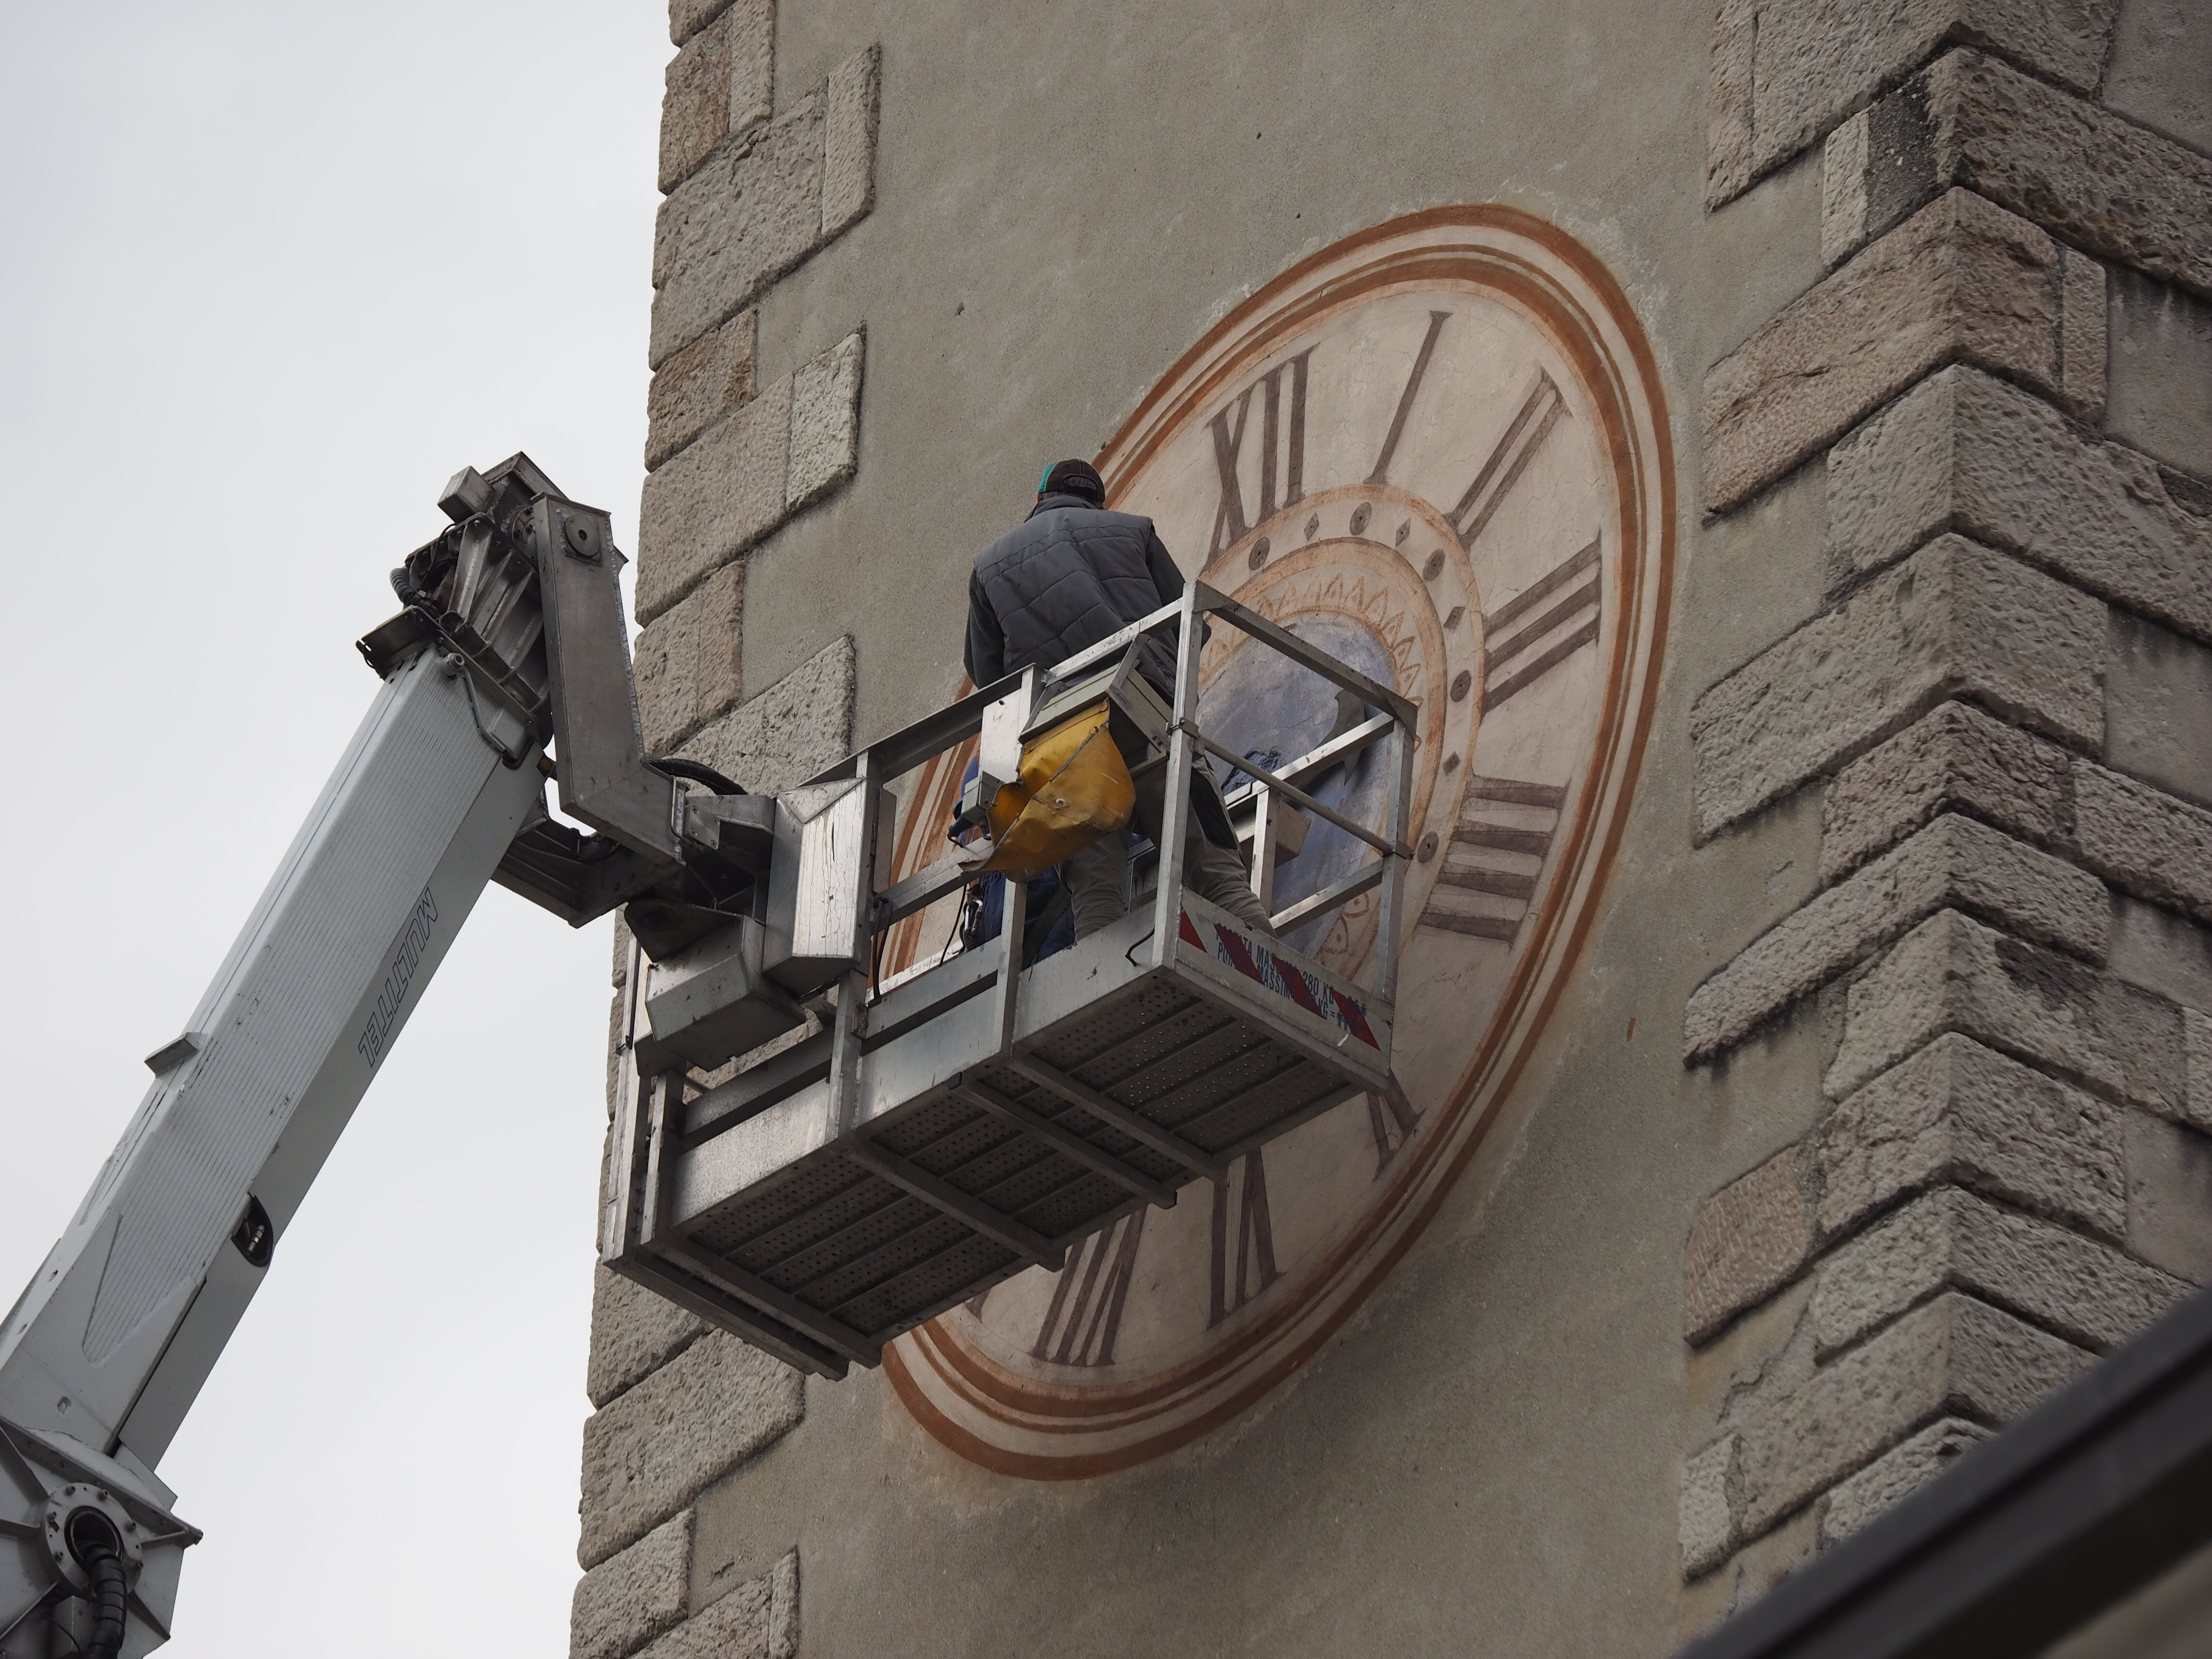 persona che ripara un orologio in una torre